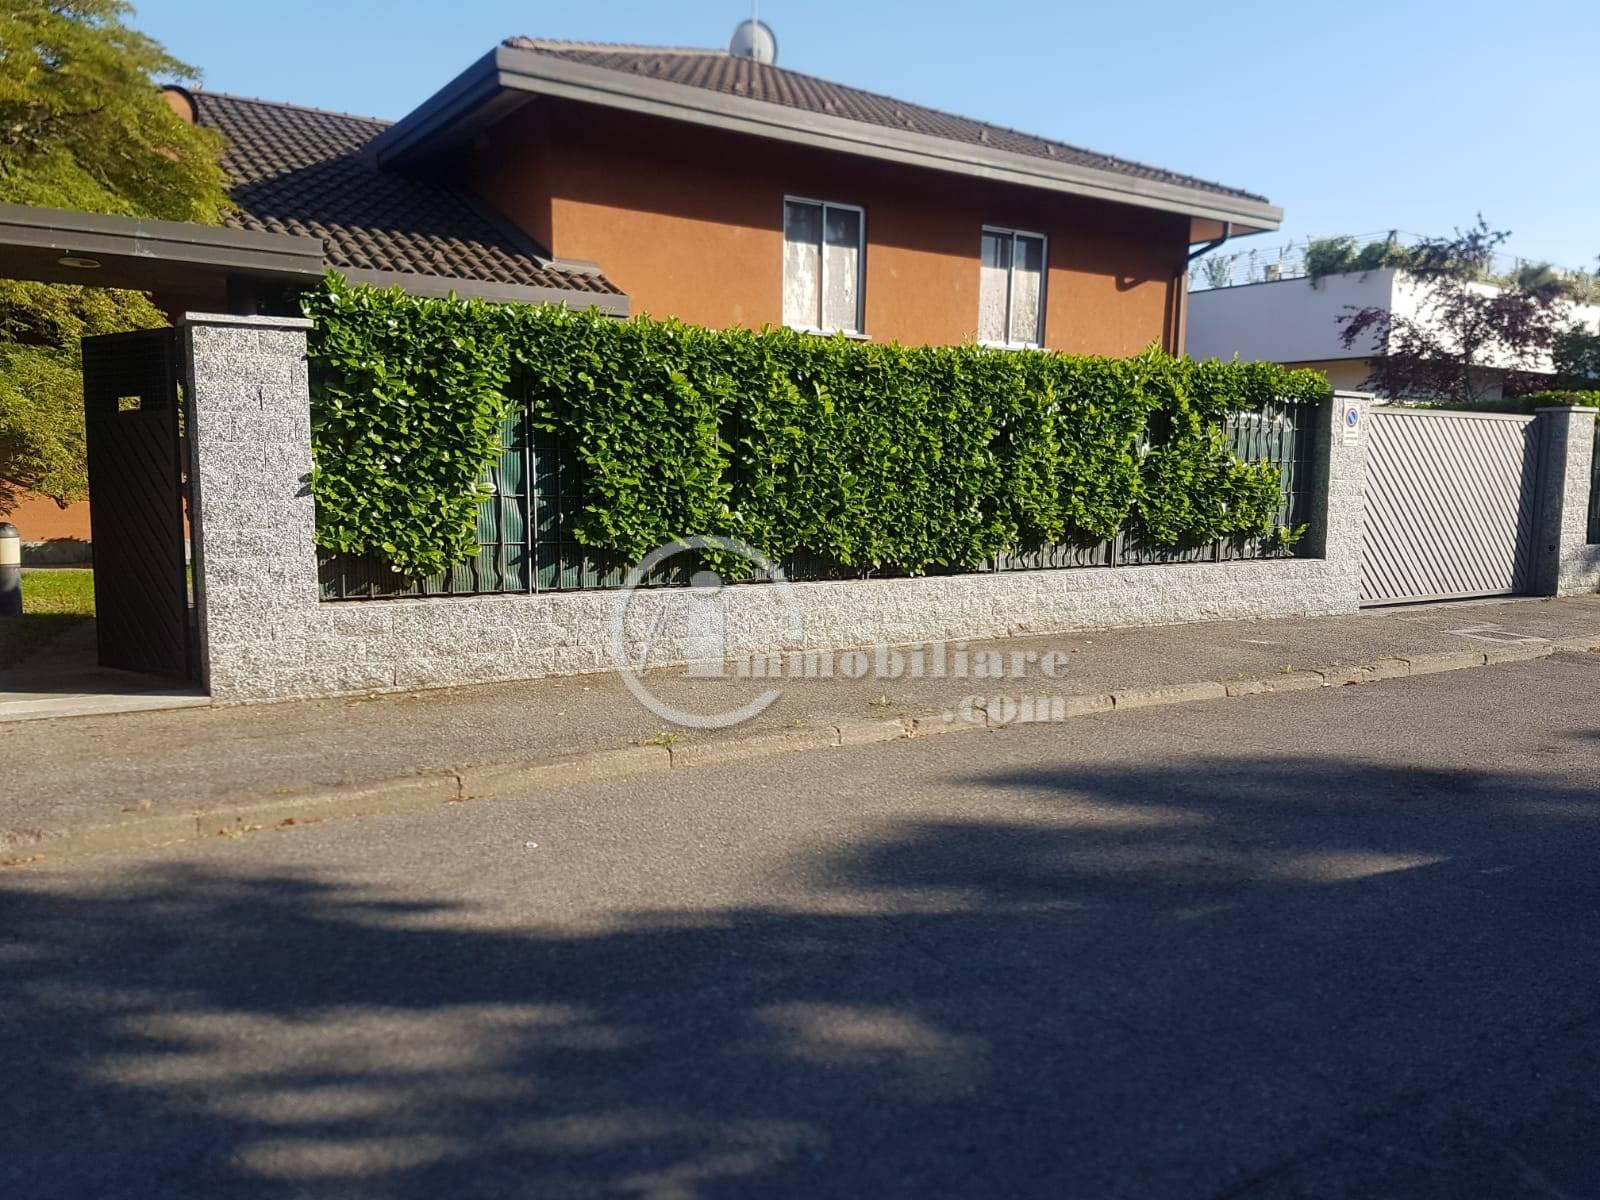 Villa in Vendita a Trezzano Sul Naviglio: 5 locali, 280 mq - Foto 14